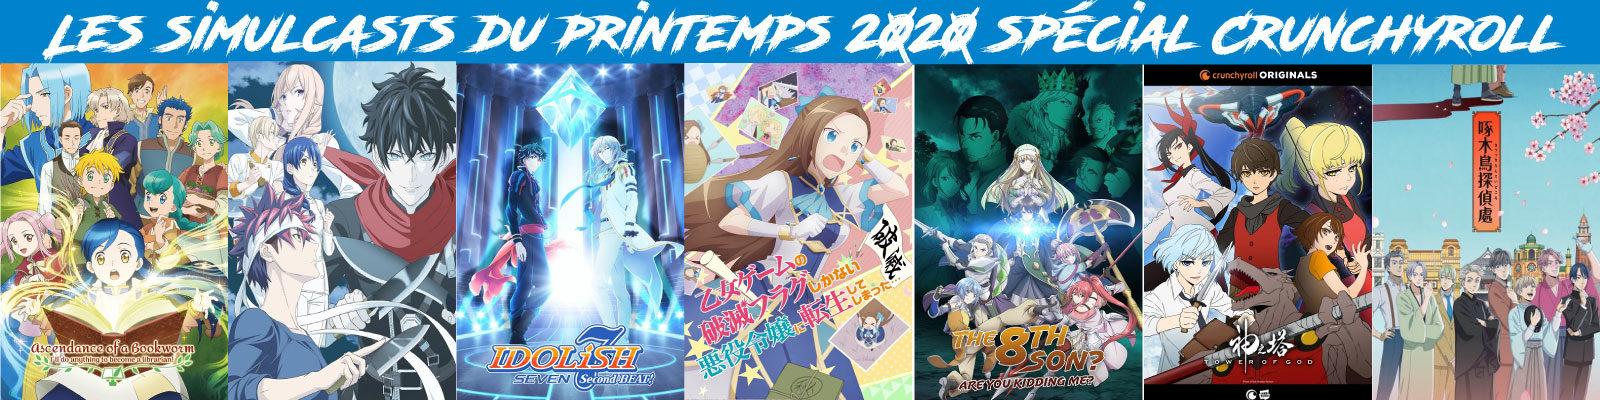 Les-simulcasts-du-printemps-2020-spécial-crunchyroll